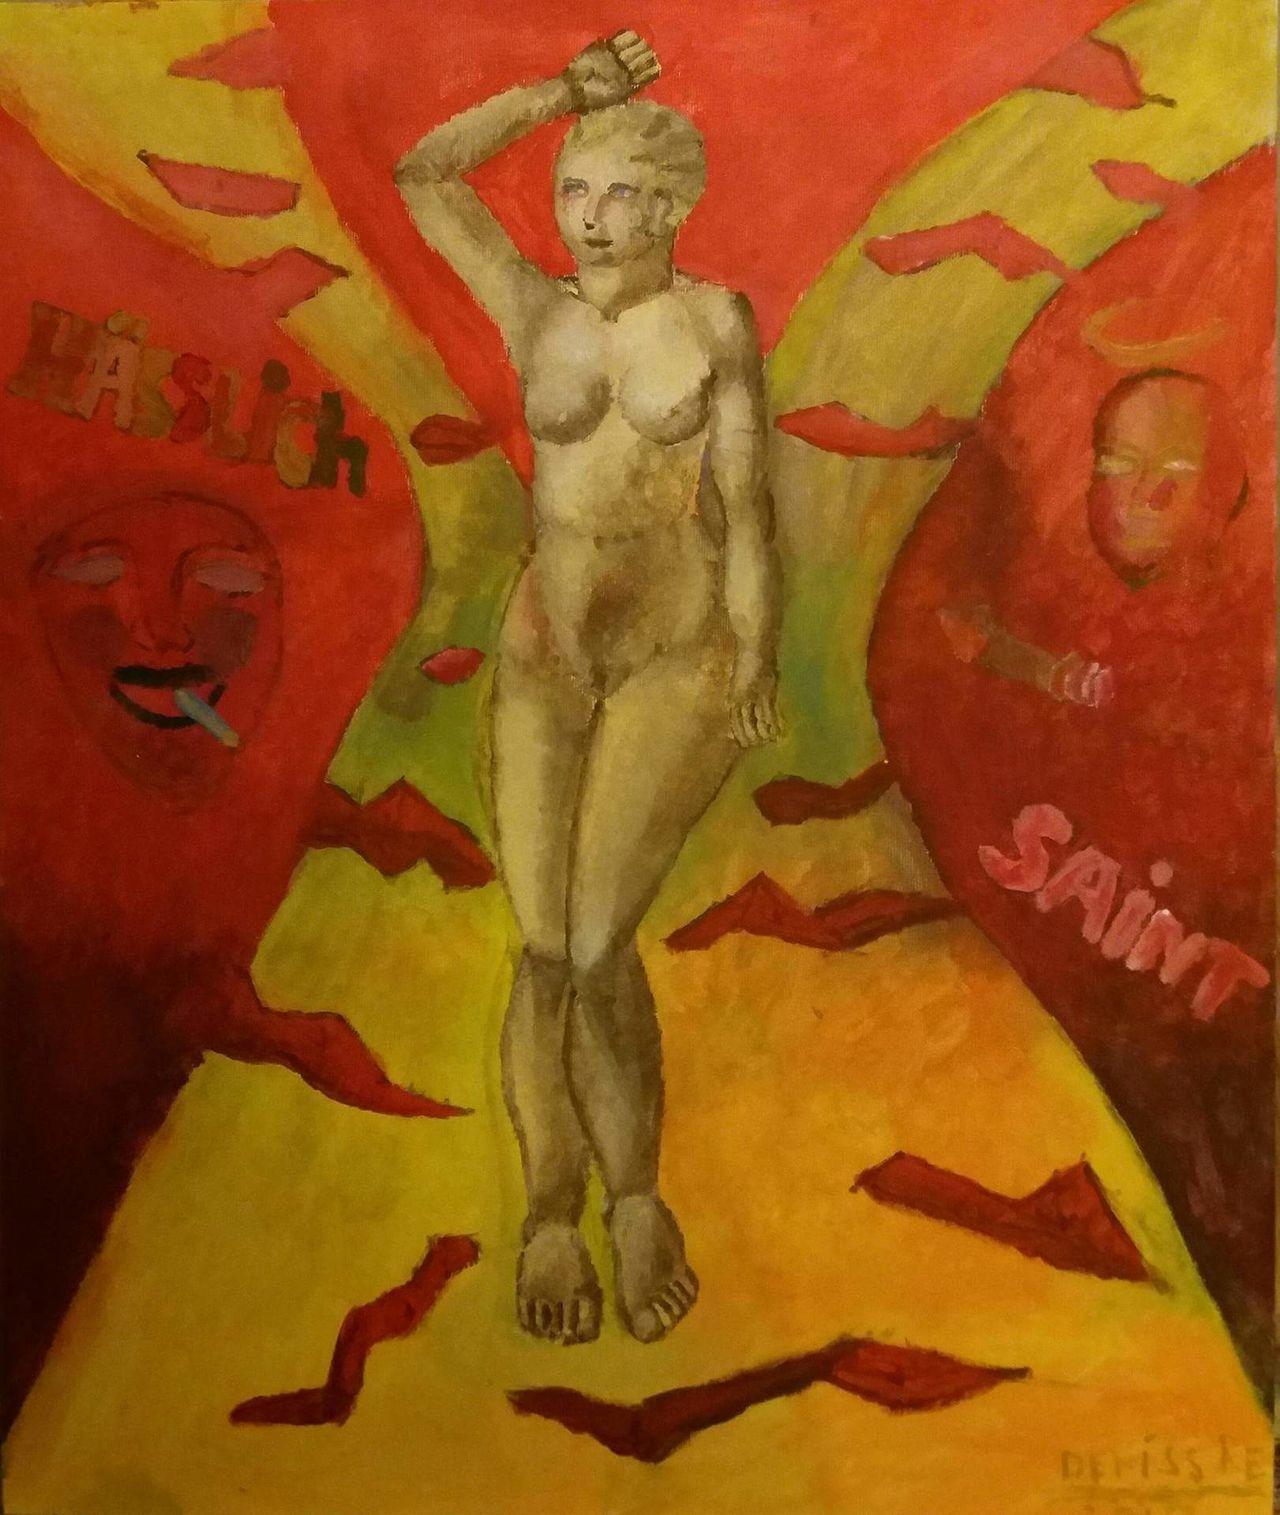 """My new acrylic painting """"The woman with the views"""" by Debiss Re/Mein neue acrylfarben gamälde """"Die Frau mit den Ansichten"""" von Deniss Re Kunst Zeitgenössische Kunst Art ArtWork Conceptual Art Malerei Acrylicpainting  Europen Artist Acrylics Konzeptkunst DenissRe Konzept Gemälde Woman Frau Frauporträt"""